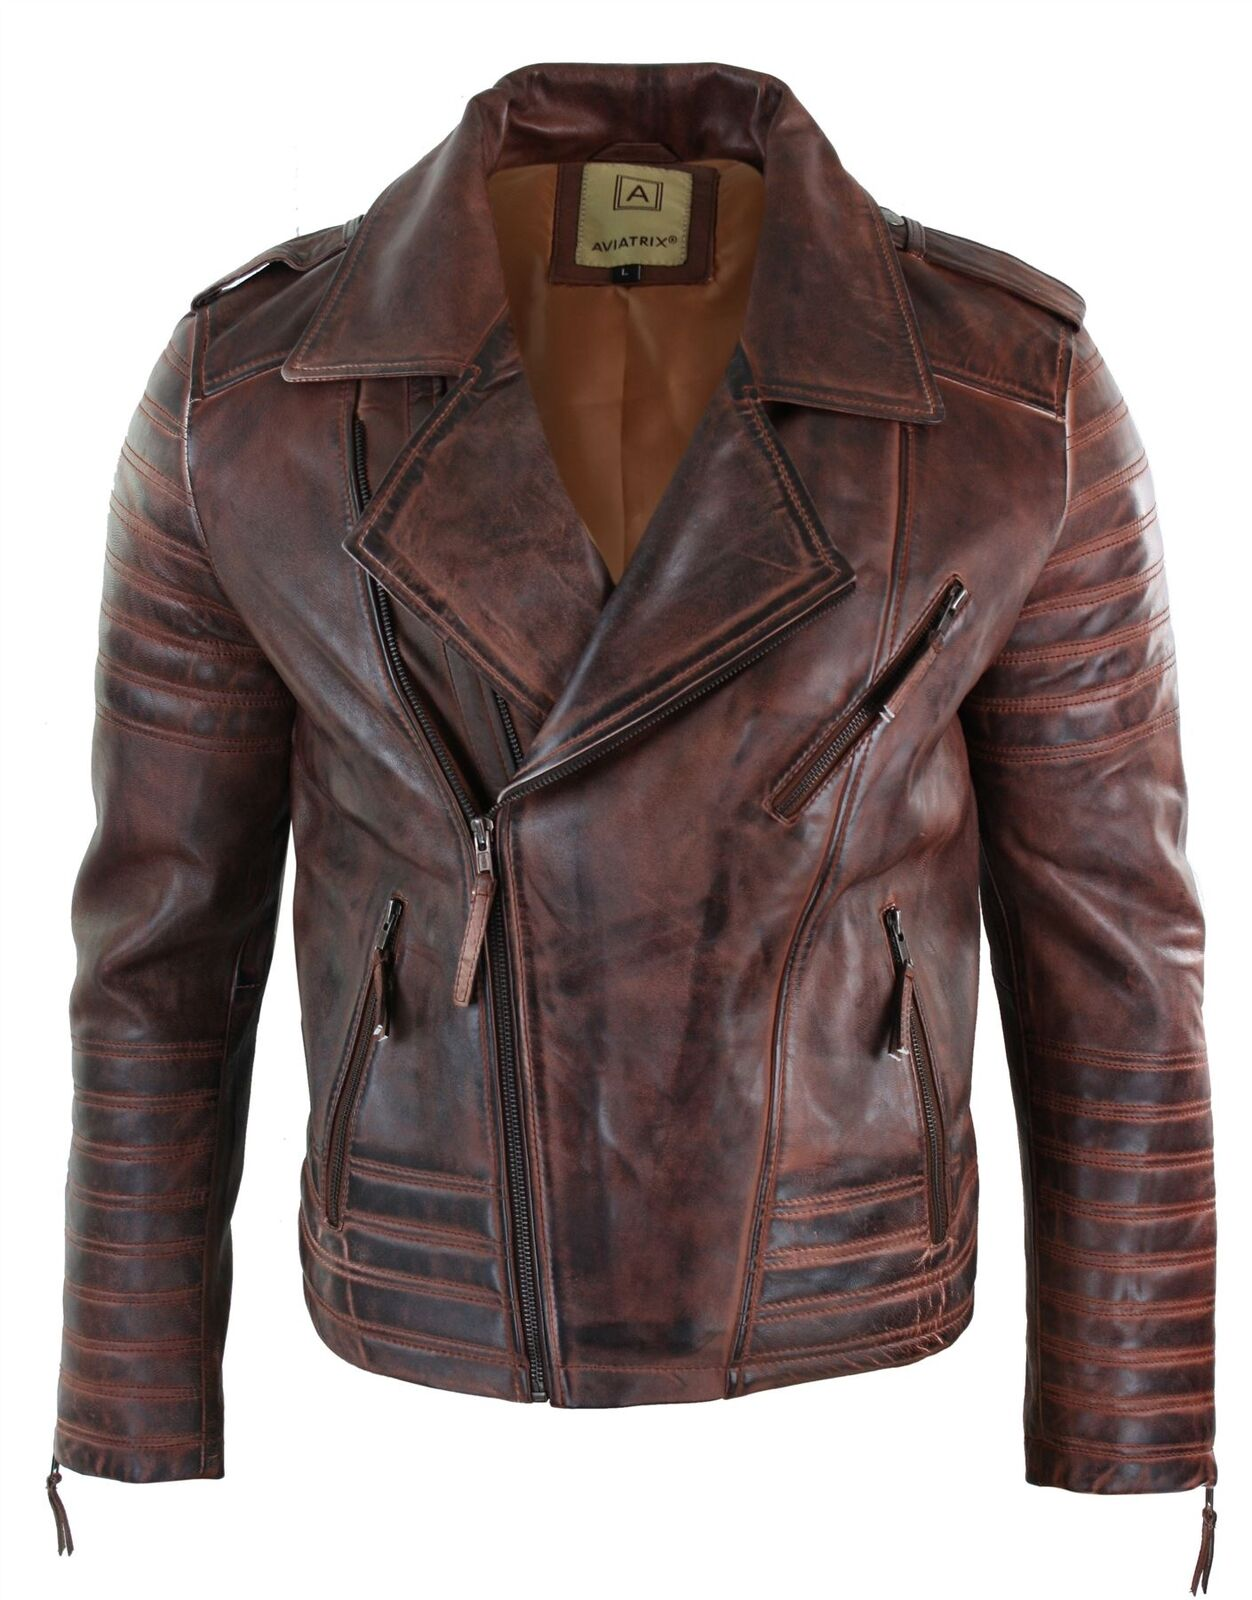 Veste vintage Herren fermeture zip diagonale vintage Veste rétro biker cuir véritable braun dc4a17